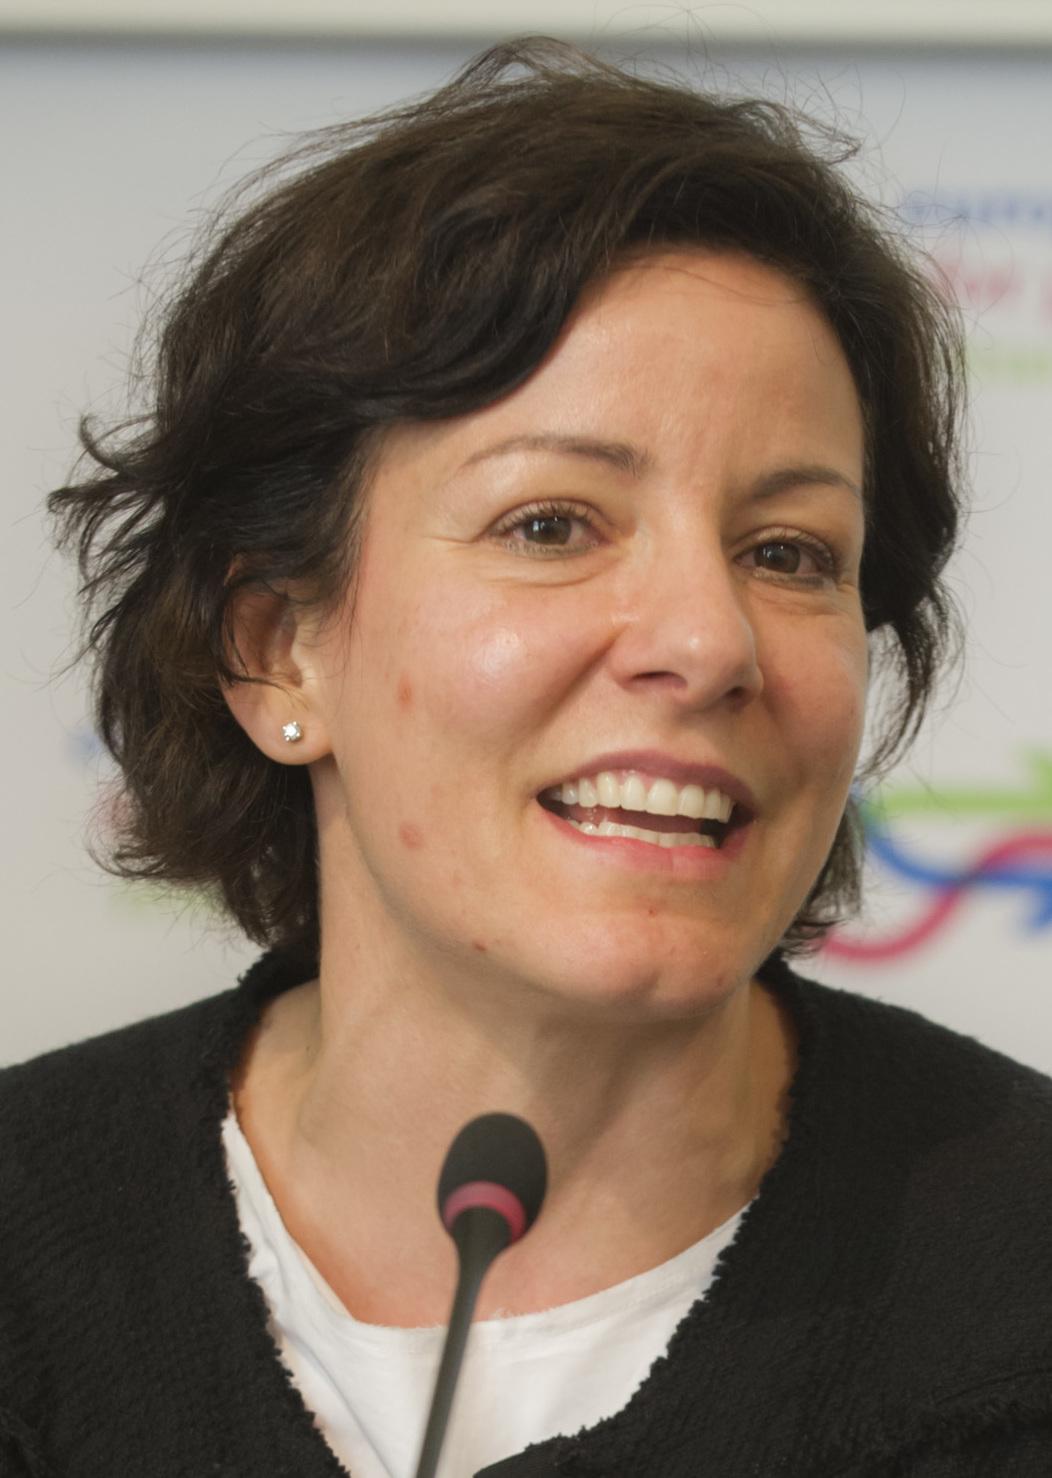 app - il ministro Pisano  - minister Pisano